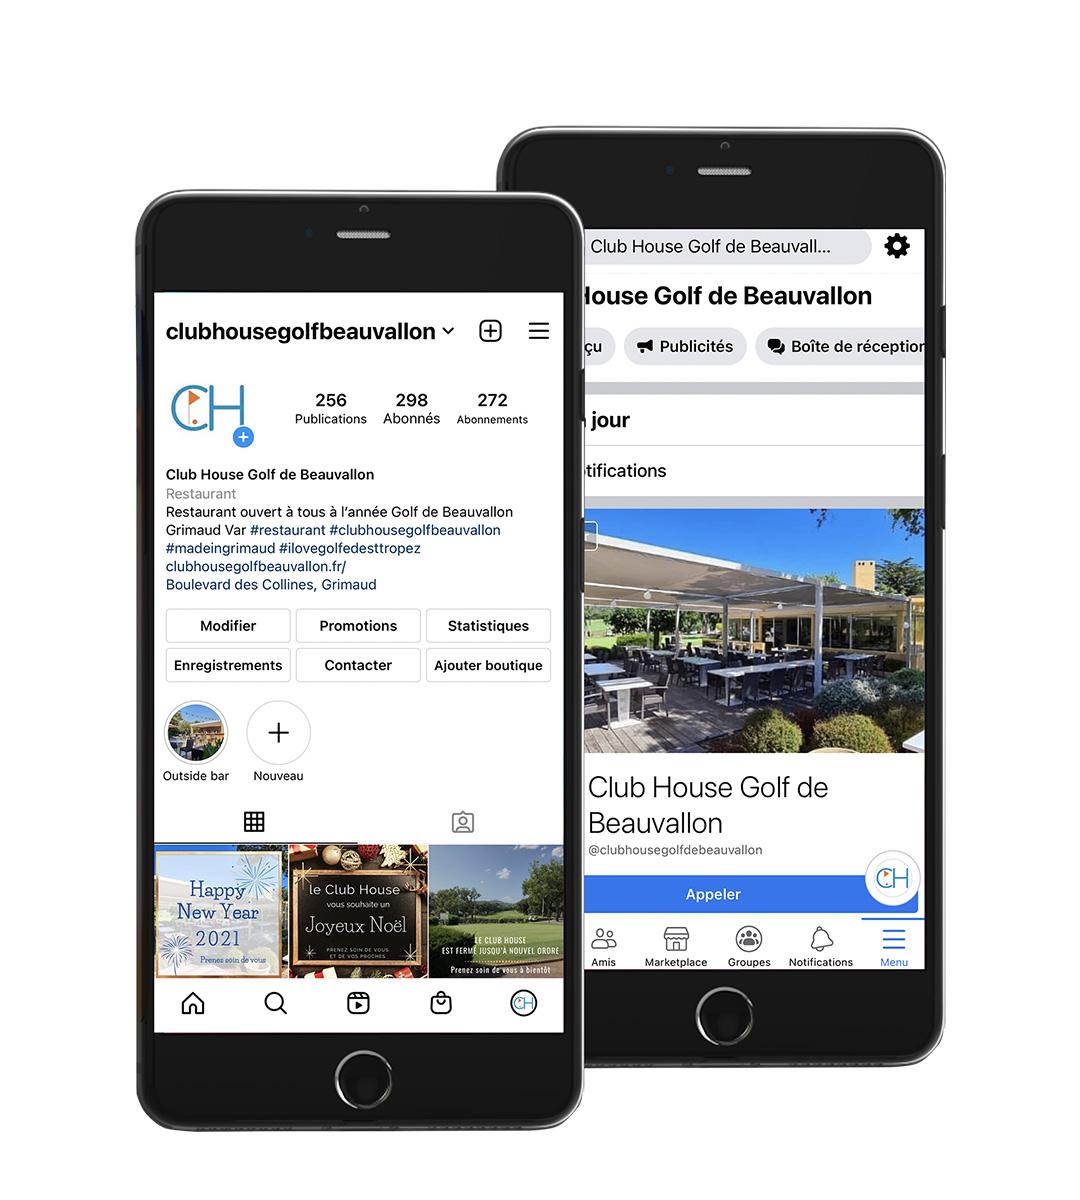 digykan - communication digitale réseaux sociaux Club House Golf de Beauvallon visuel